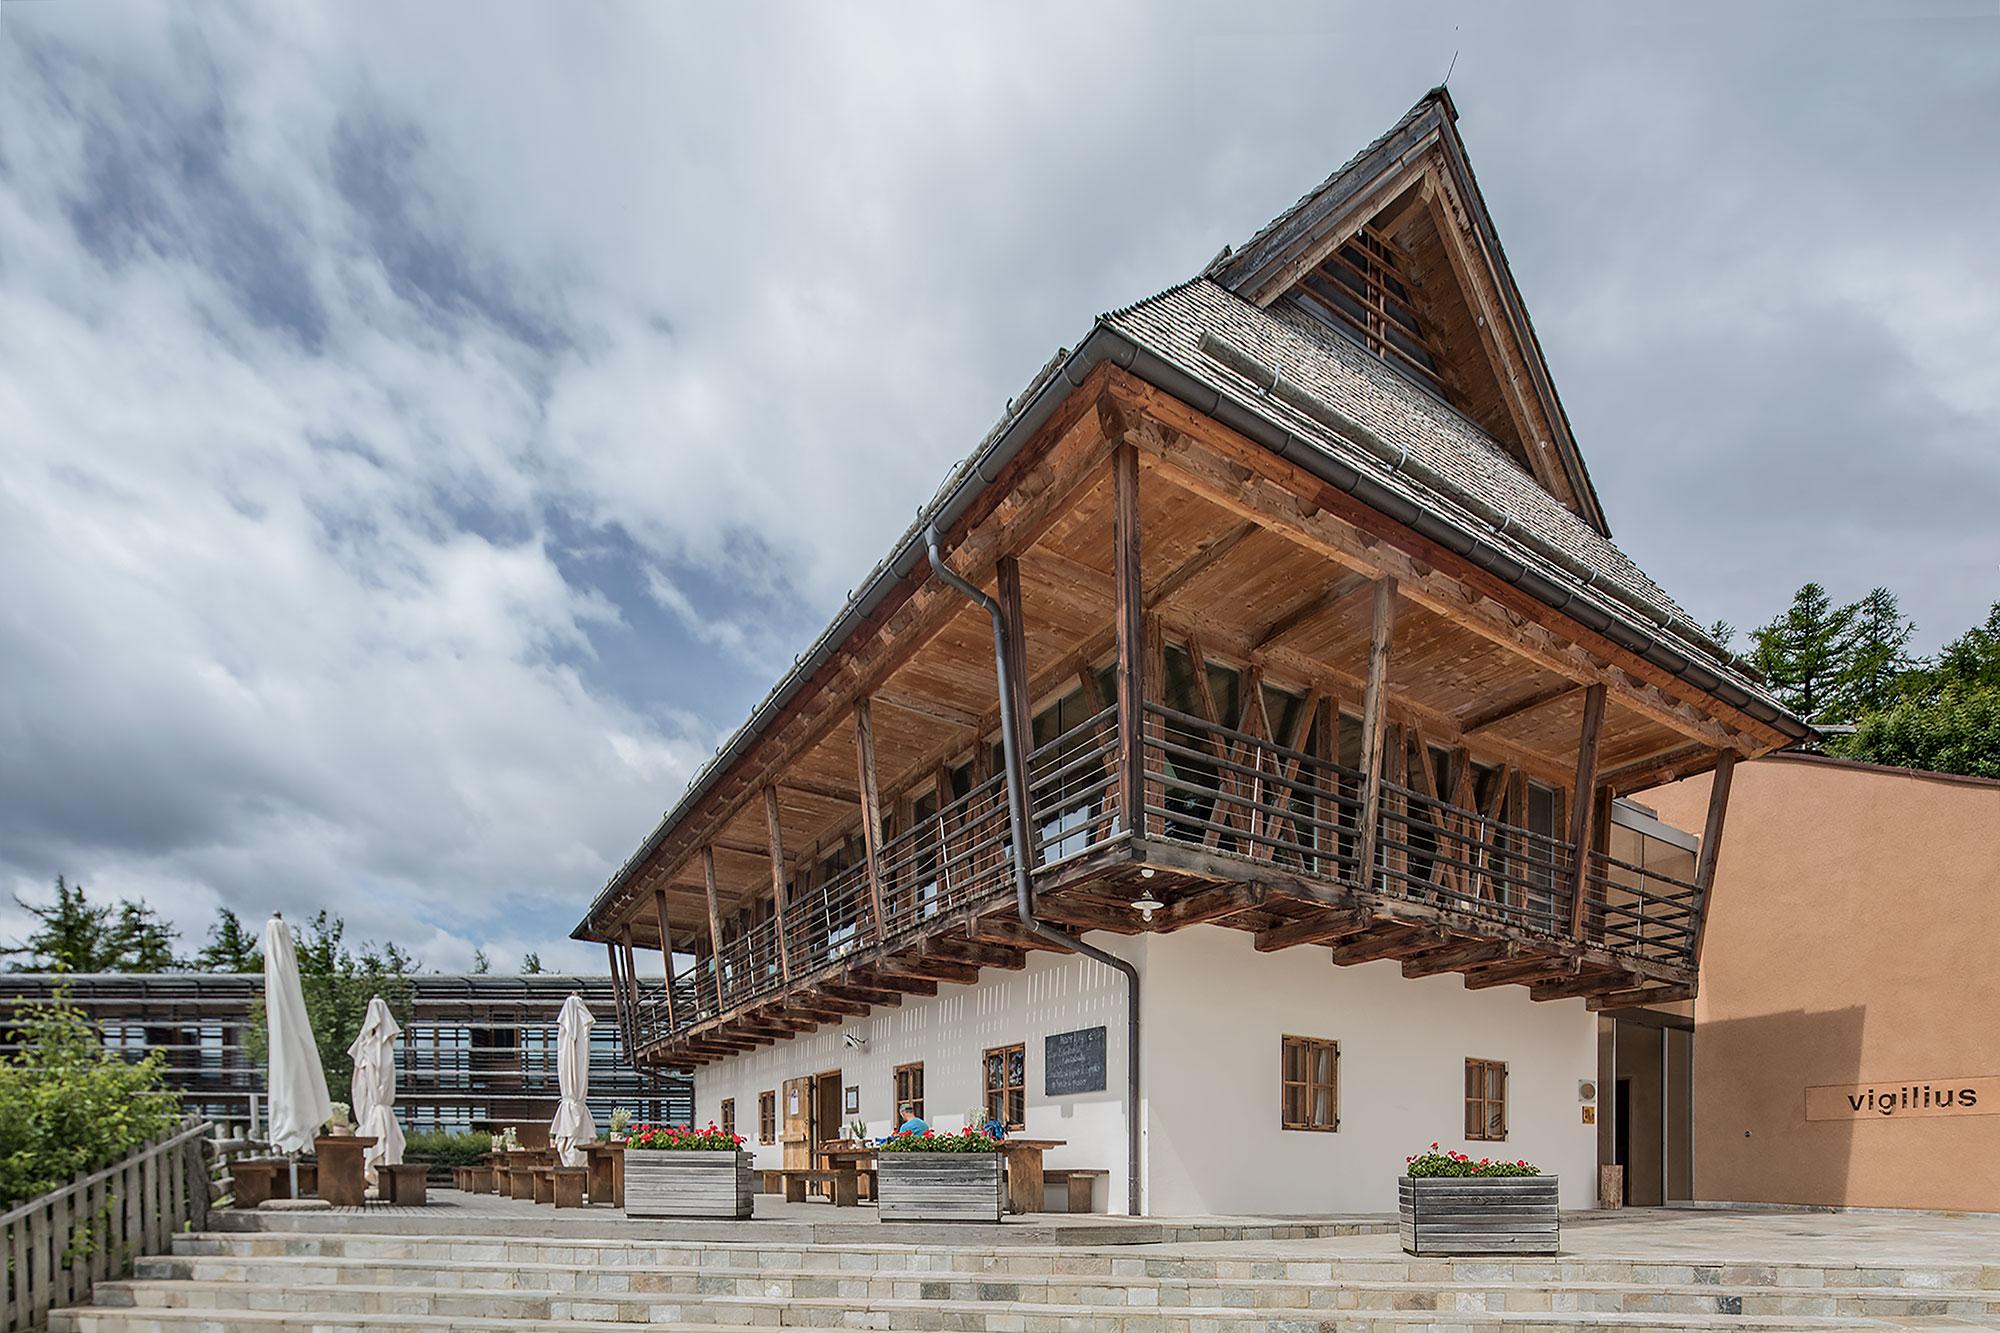 Vigiliius Mountain Resort, Lana, Italy (architect: Matteo Thun)